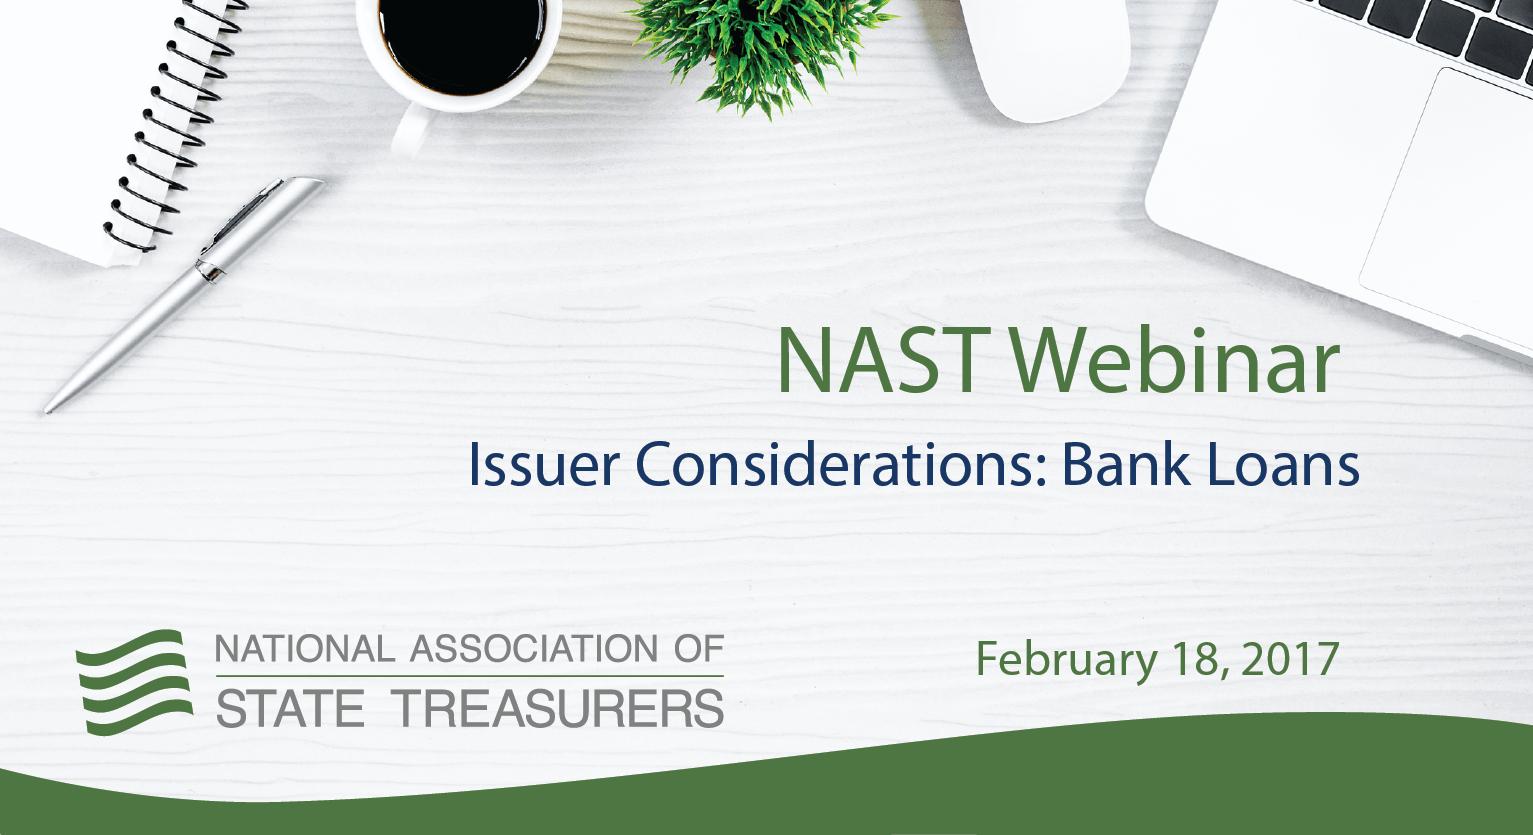 NAST Webinar - Issuer Considerations - Feb. 18, 2017